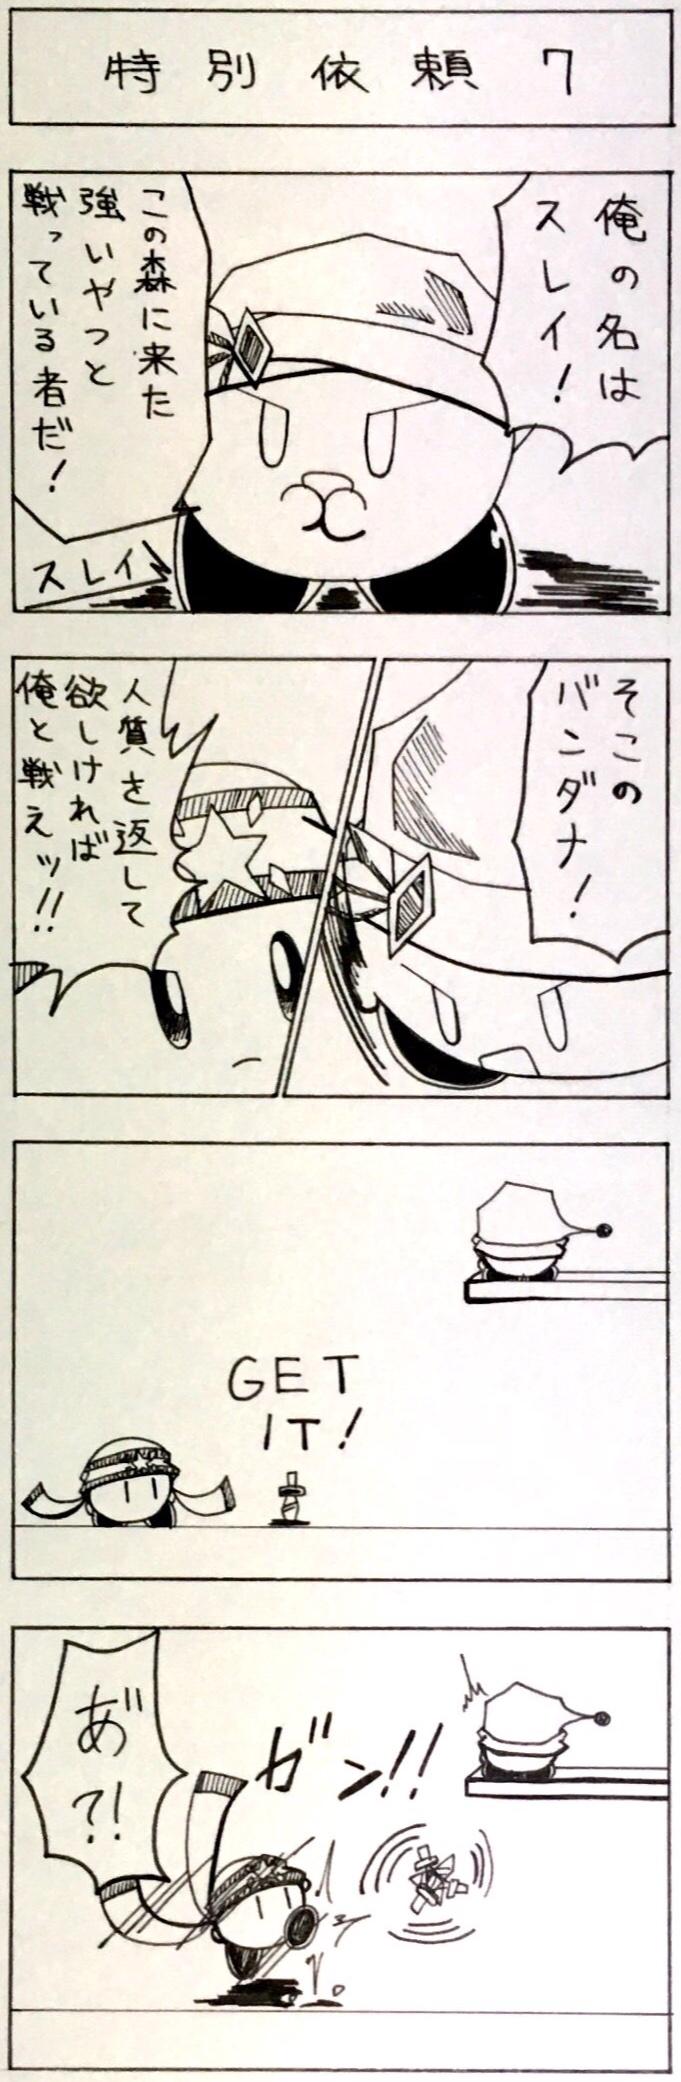 Believe Story 3-7